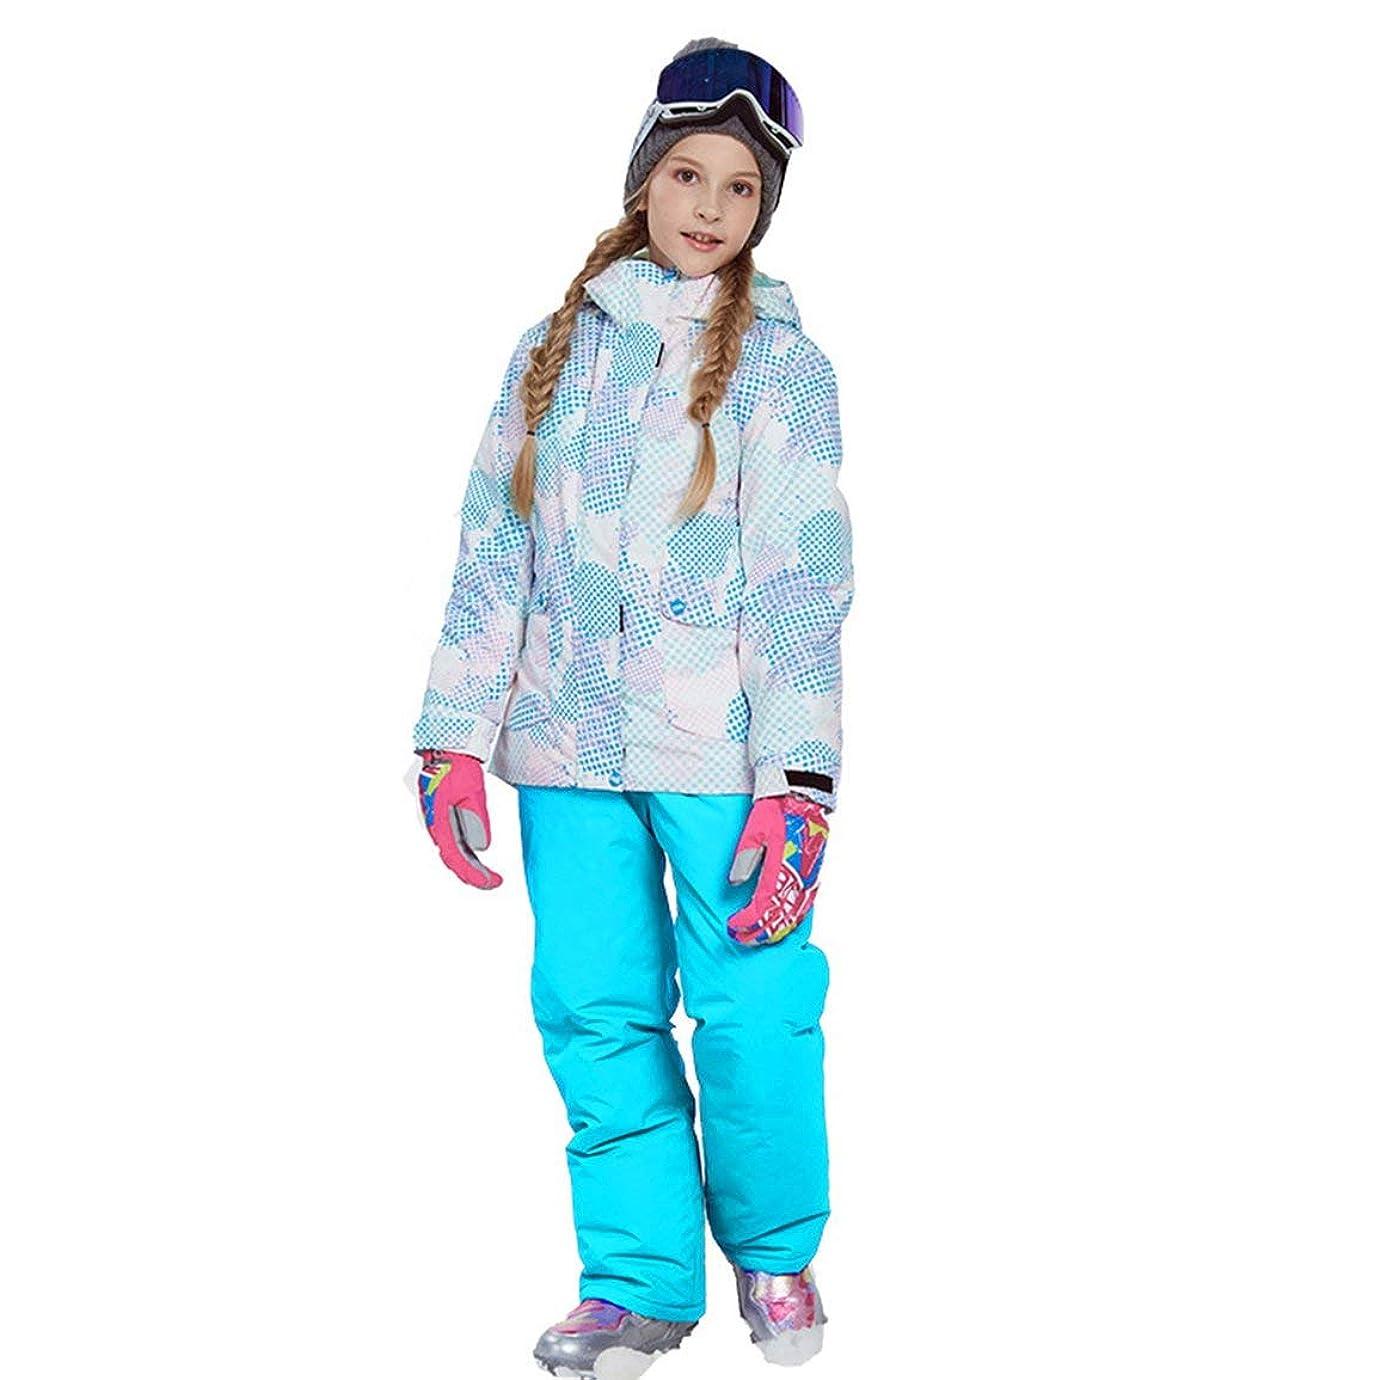 コカインボーカルマナーラブリーボーイズガールズウィンタースノーボードパーカージャケットスノービブスノースーツセット暖かいスノースーツフード付きスキージャケット+パンツ2個セット-ブルー146/152